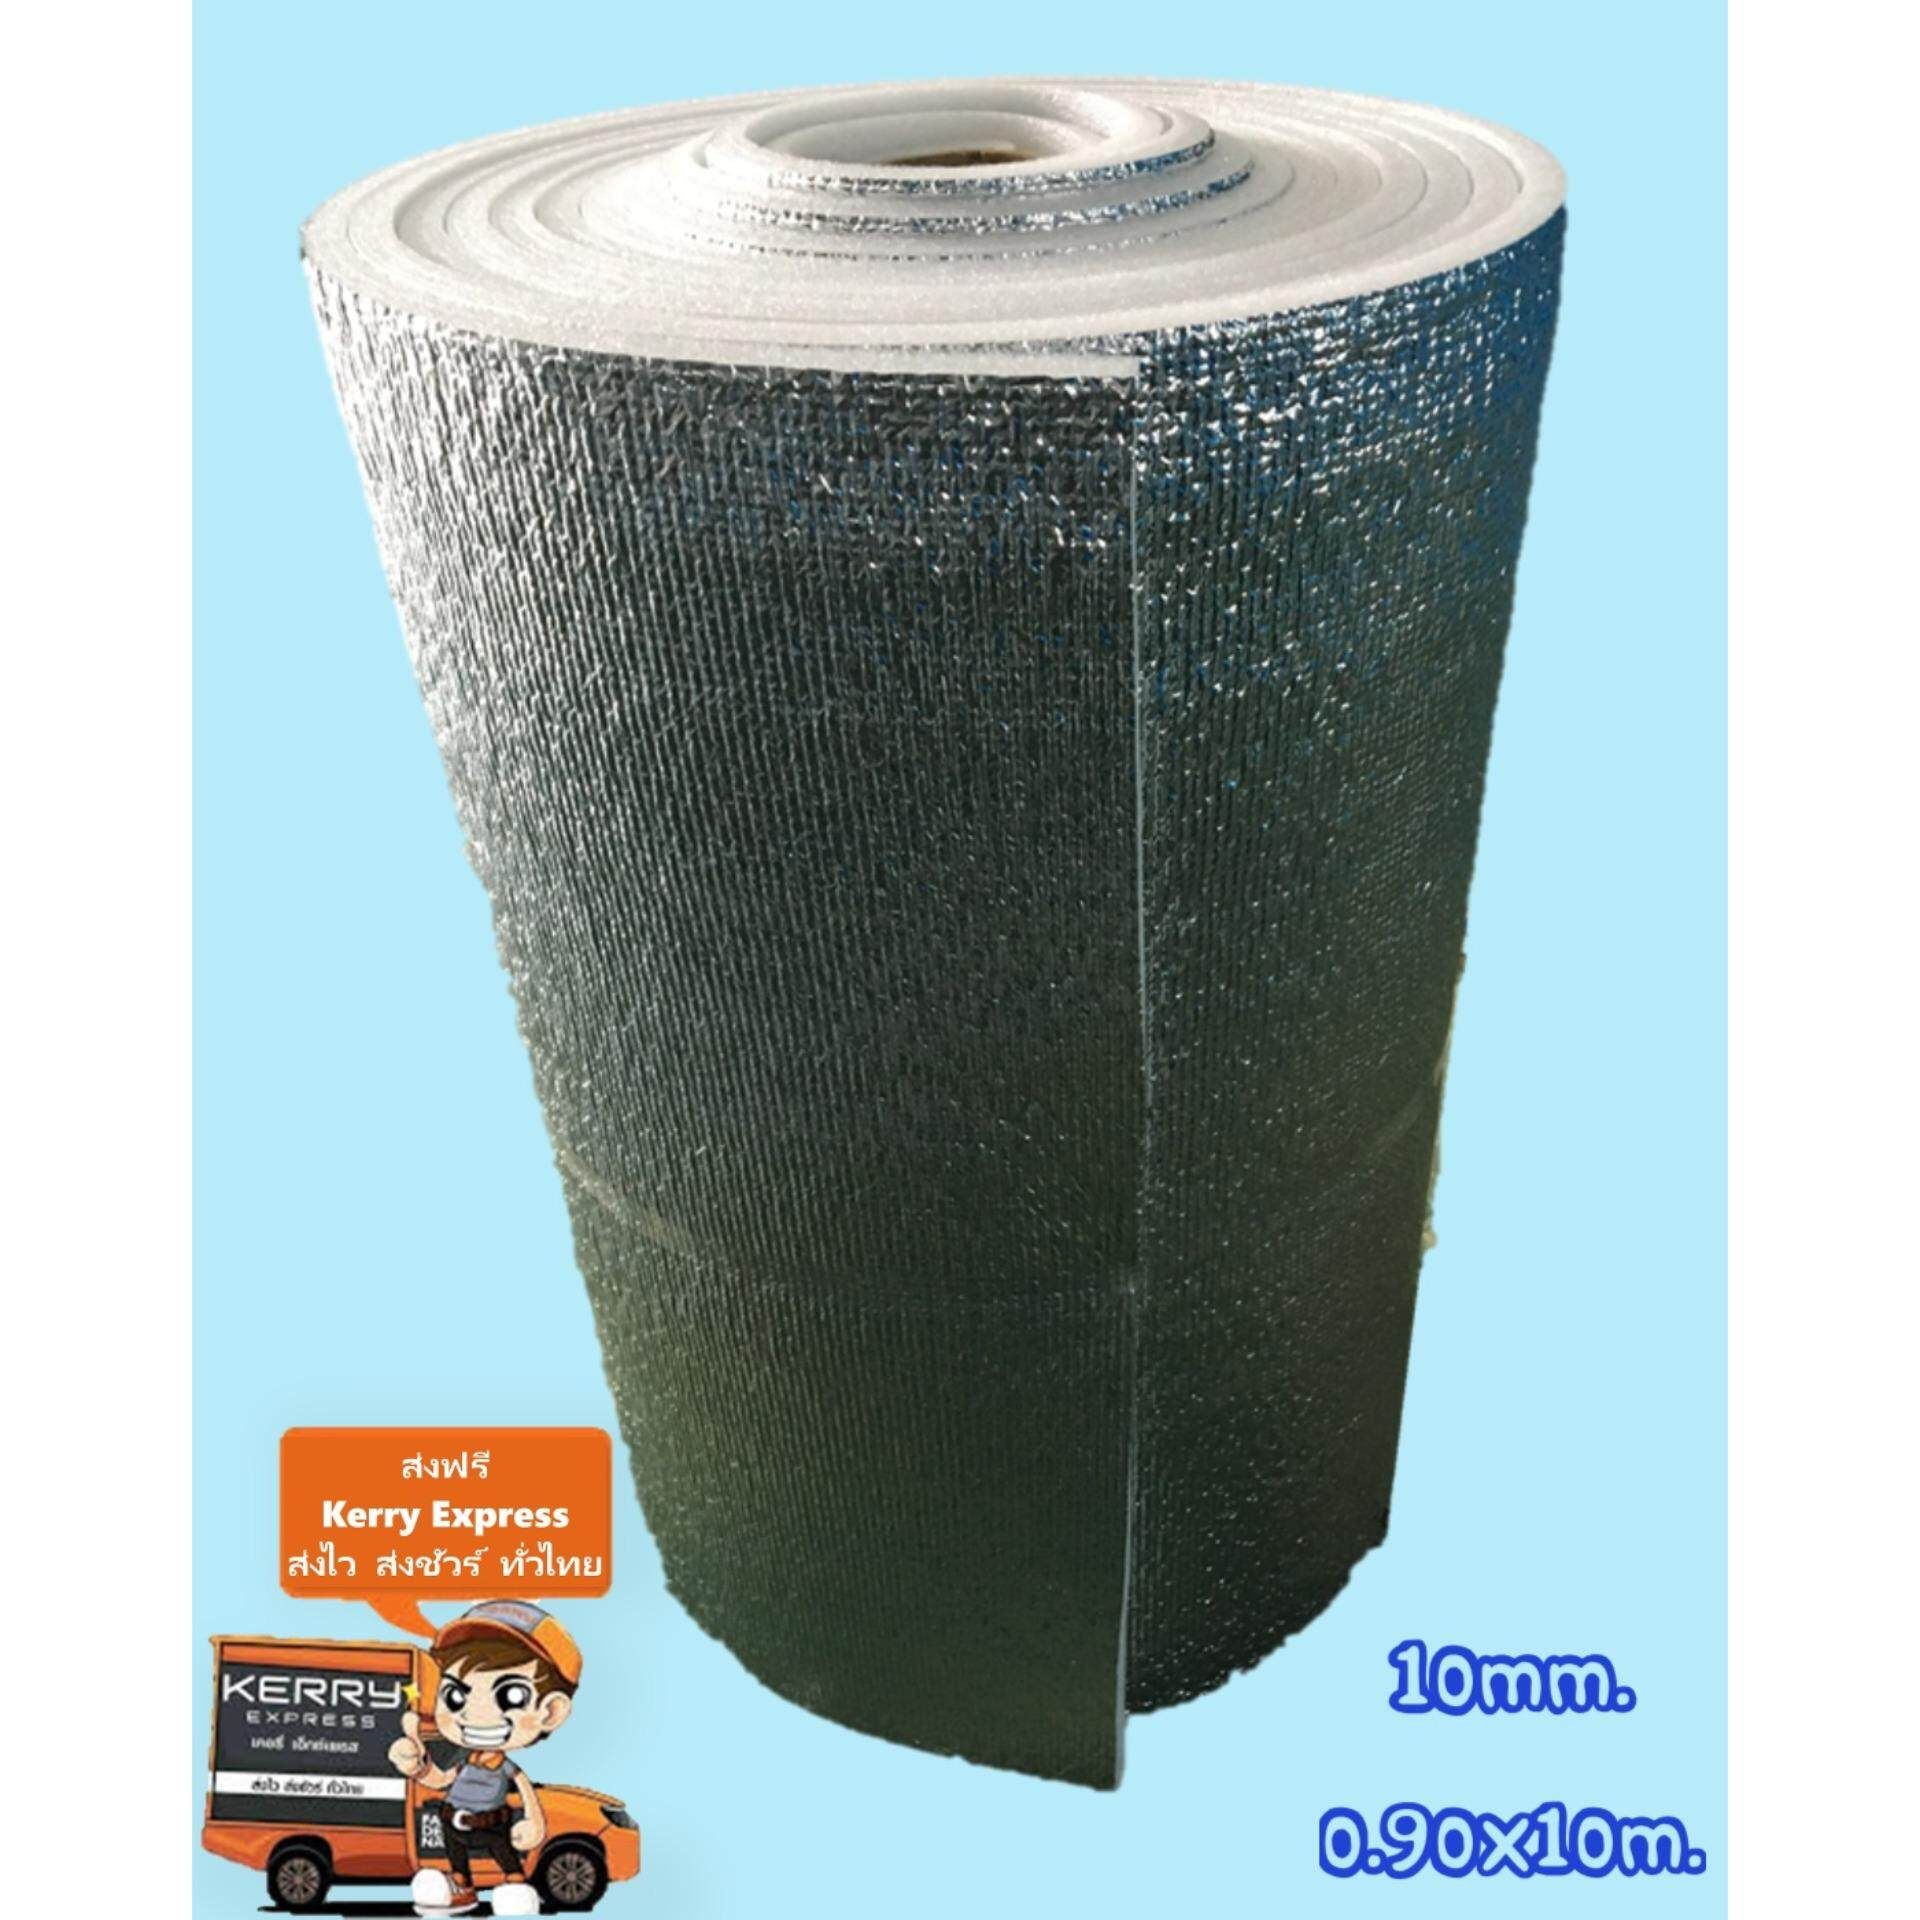 เก็บเงินปลายทางได้ ฉนวนกันความร้อนพีอีเคลือบฟอยล์ลดความร้อนหนา10mmกว้าง90cmยาว10m(ส่งฟรีKerry) แผ่นฉนวนกันความร้อน เก็บความเย็น insulation Aluminium Foil ปิดผิวด้วยแผ่นอลูมิเนียมฟอยล์ ขนาด 10mm x 90cm